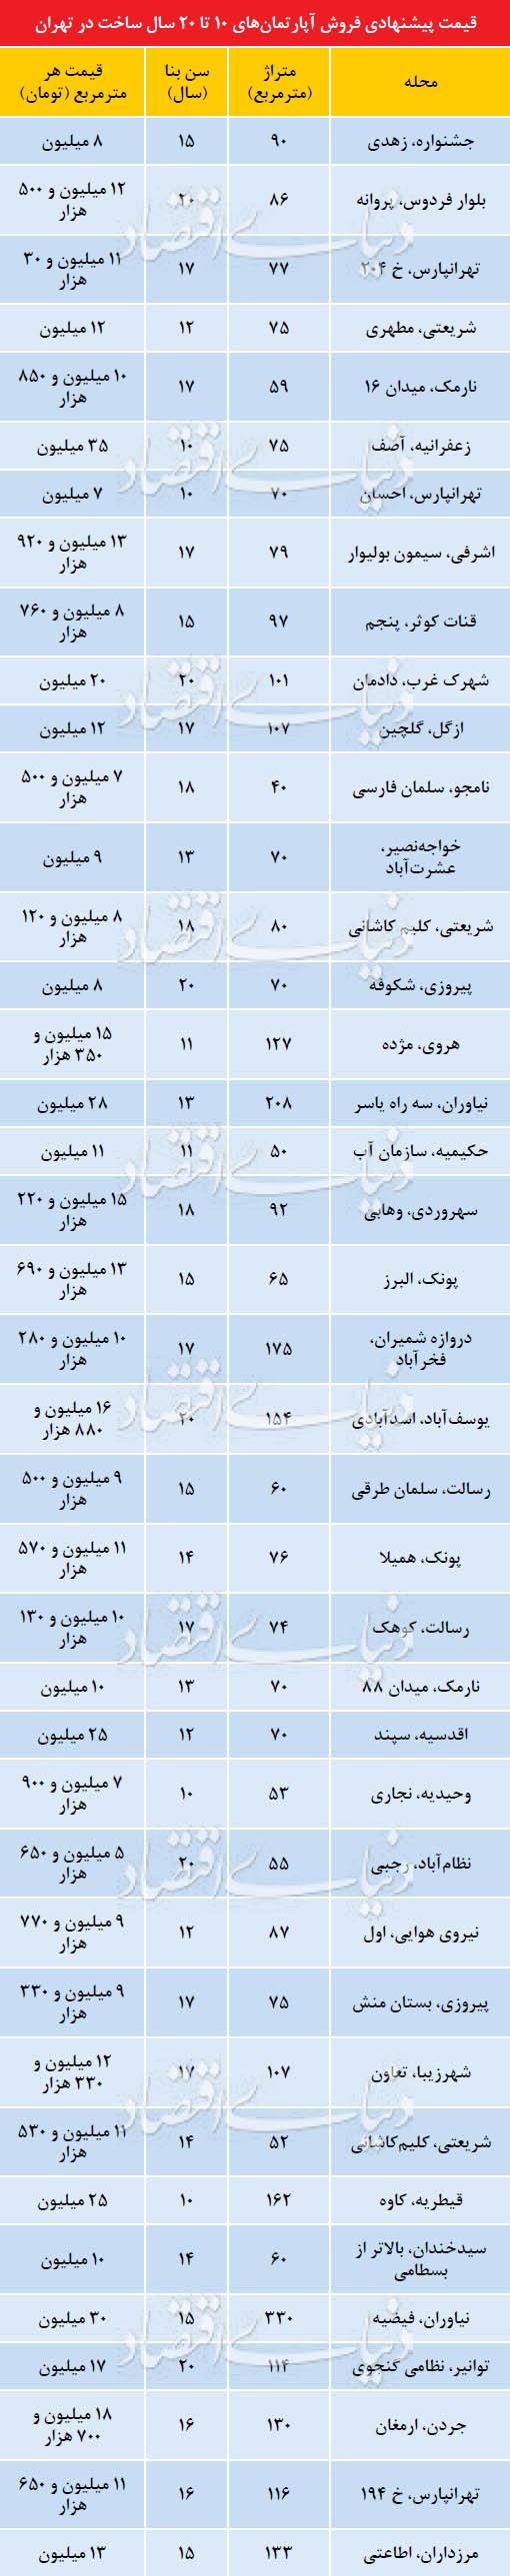 بازار سرد مسکن اسفند پایتخت گرمتراز پاییز ۹۷+جدول قیمت - 4